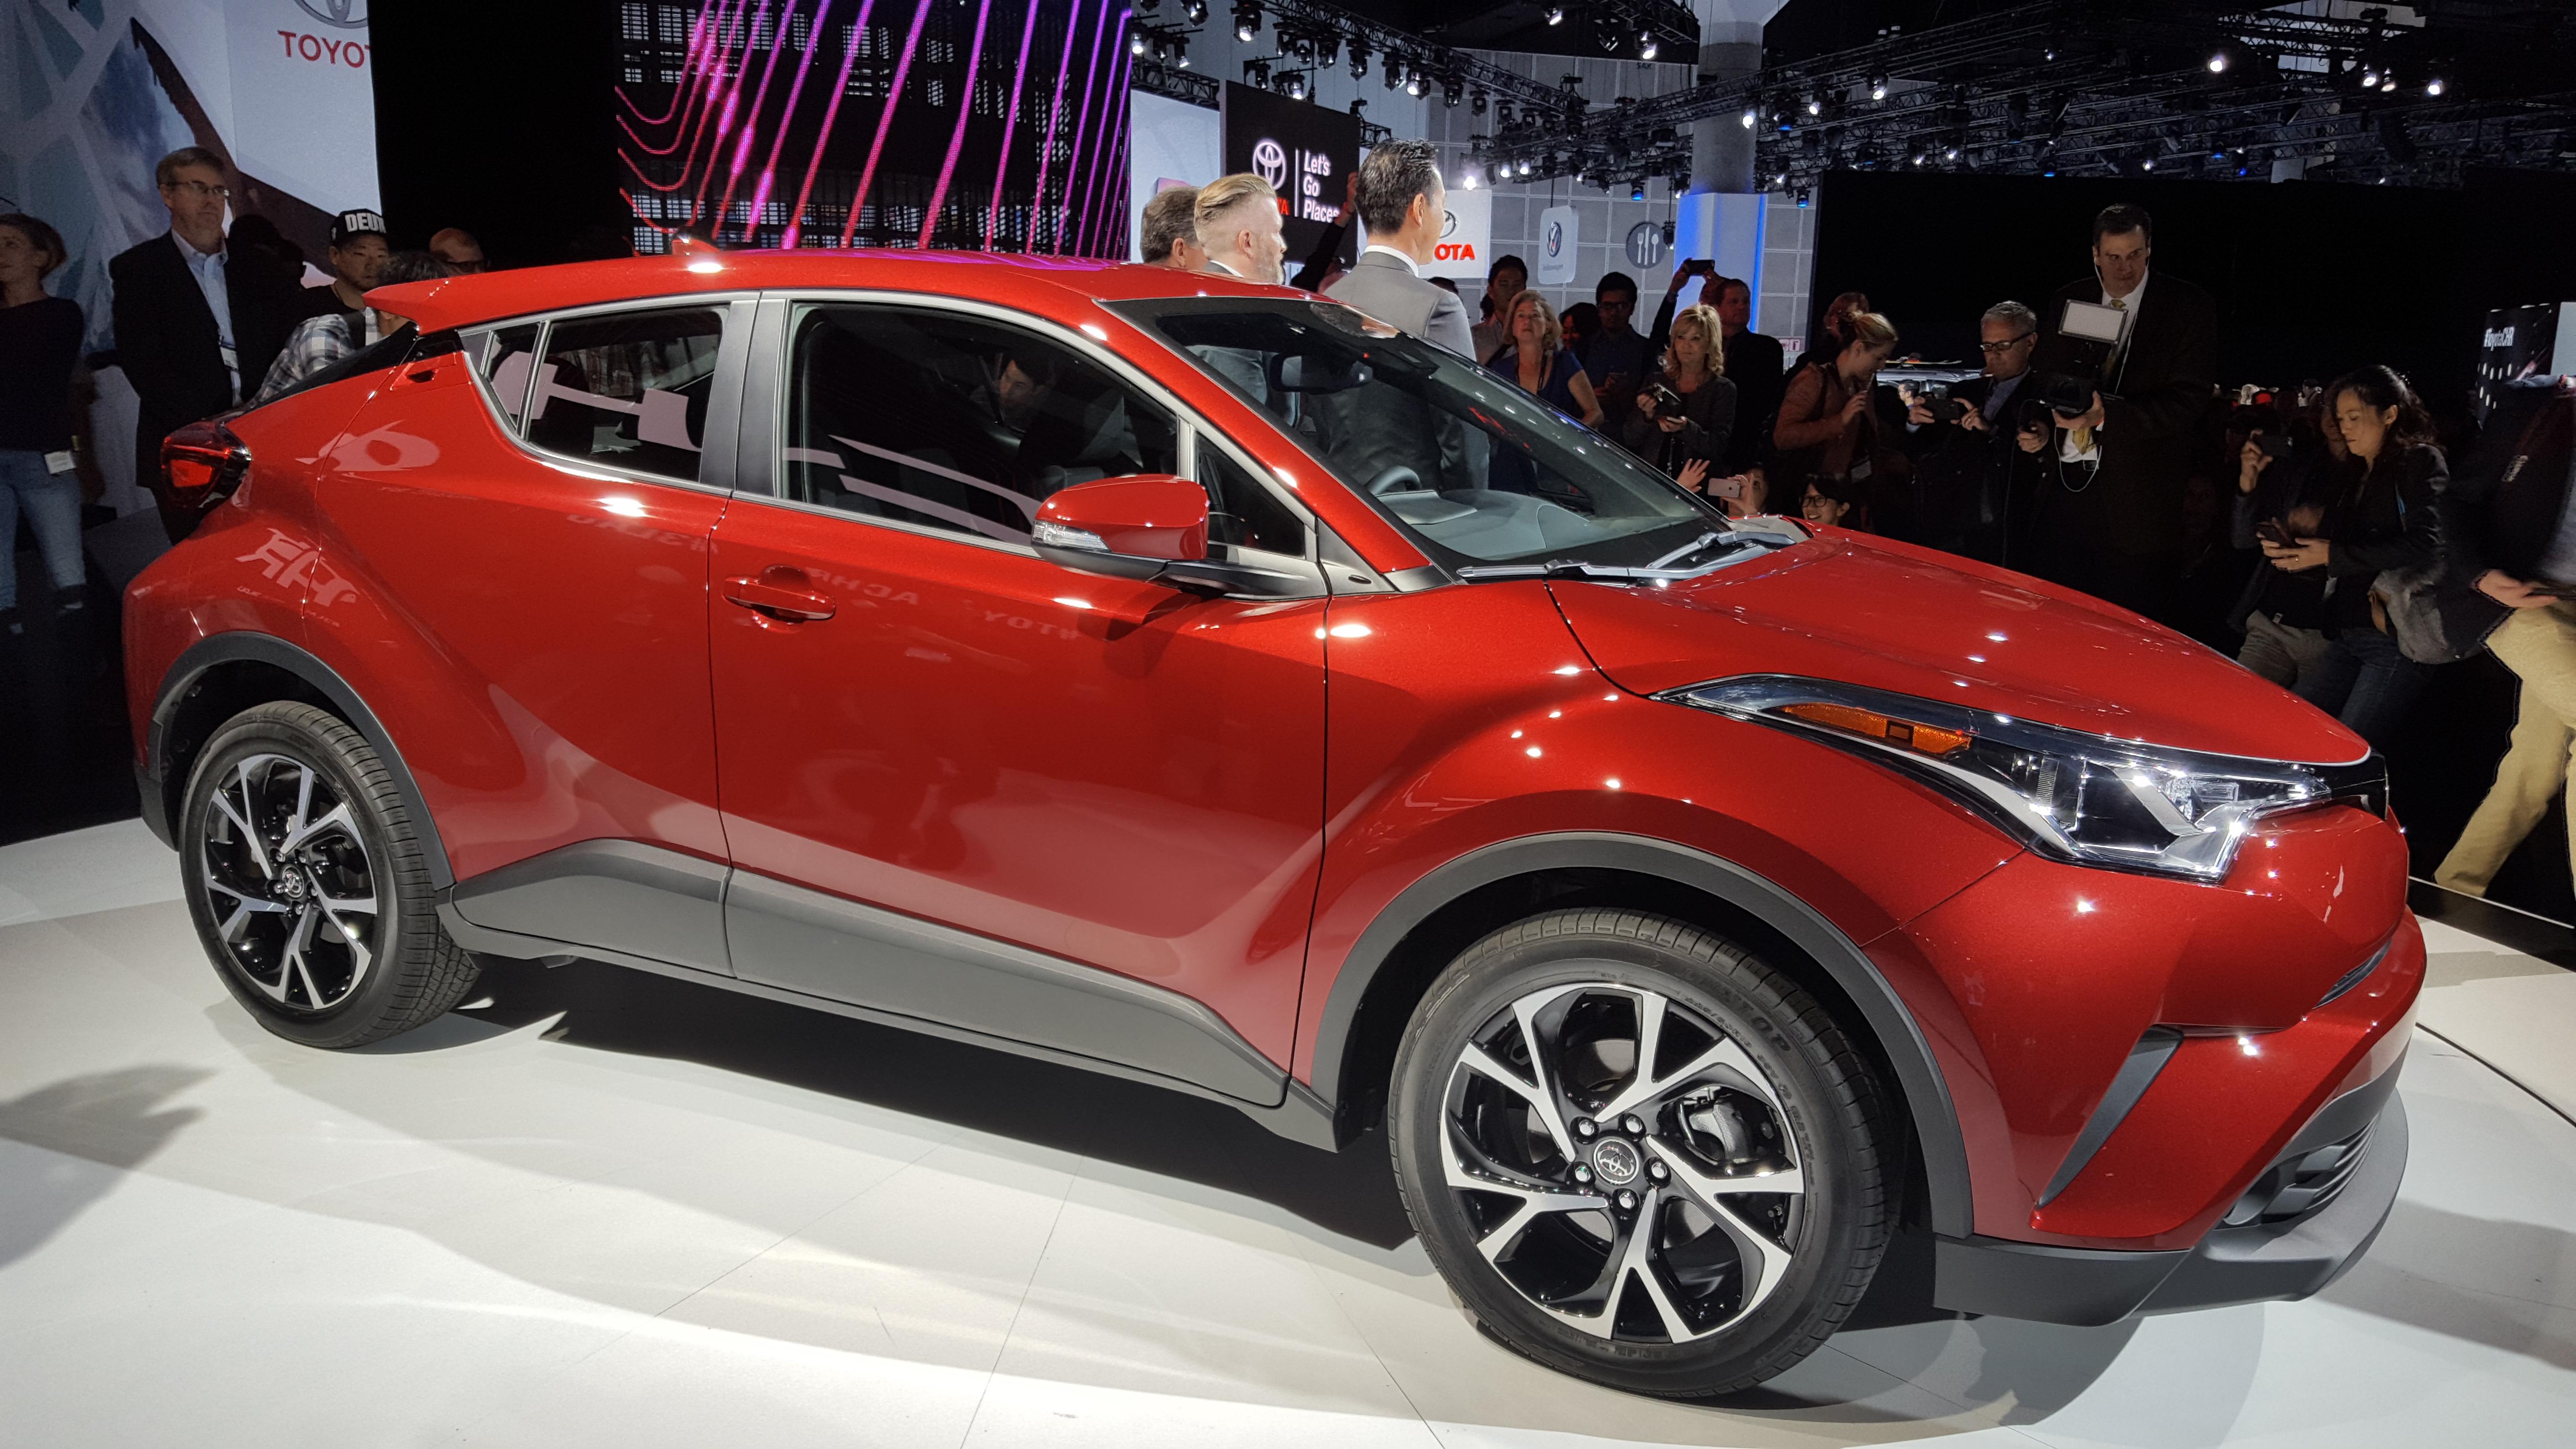 Kekurangan Crossover Toyota Top Model Tahun Ini